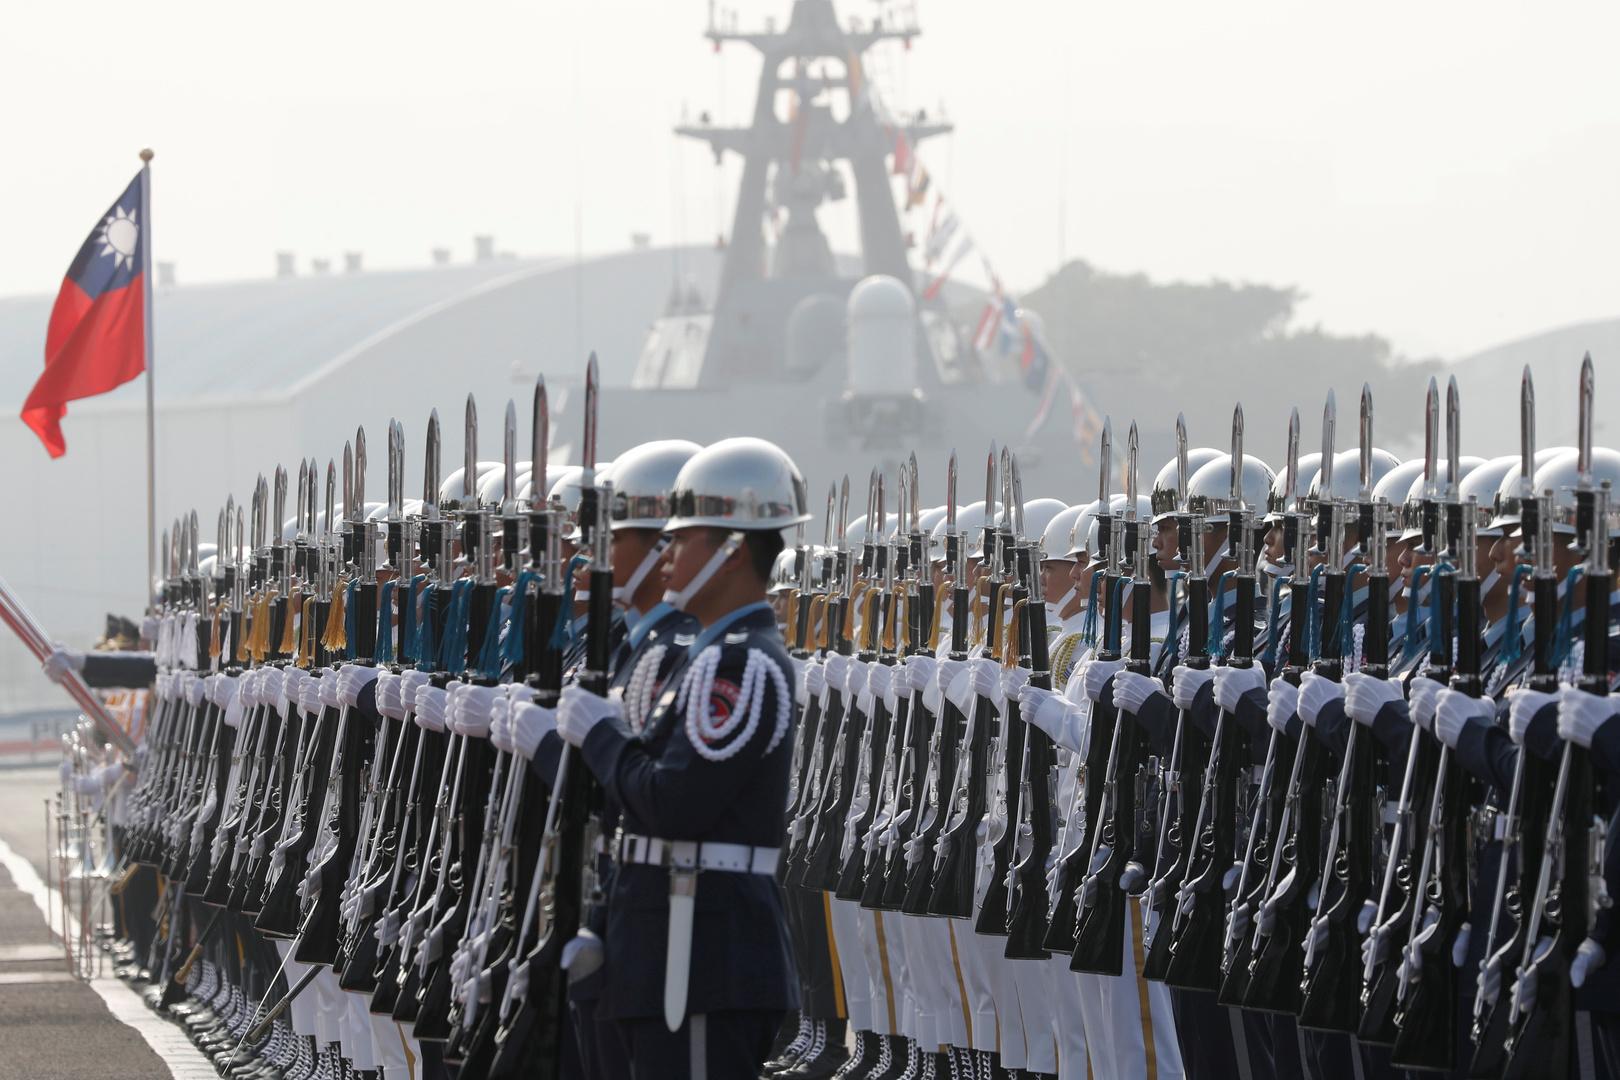 فرنسا ترد على انتقادات الصين بشأن عقد تسلح مع تايوان